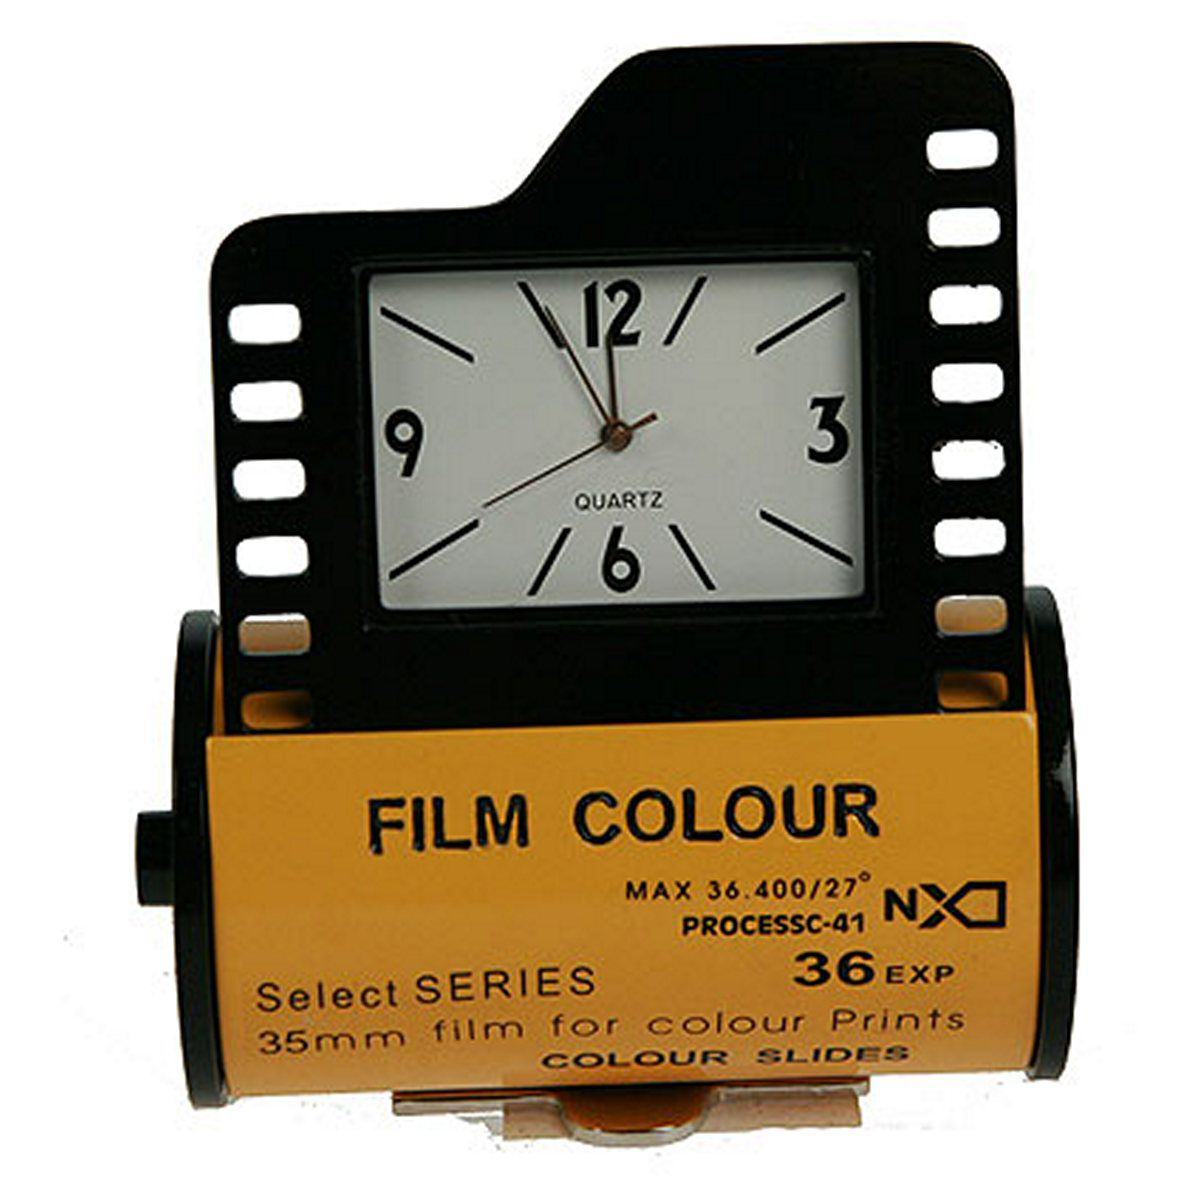 Часы настольные Русские Подарки Фотопленка, 6 х 2 х 7 см. 2241122411Настольные часы Русские подарки Фотопленка - очень оригинальные и стильные настольные часы. Корпус выполнен из металла. Они прекрасно впишутся практически в любой интерьер и станут превосходным украшением вашей комнаты. Это красивый и практичный подарок на любое торжество для родных и близких.